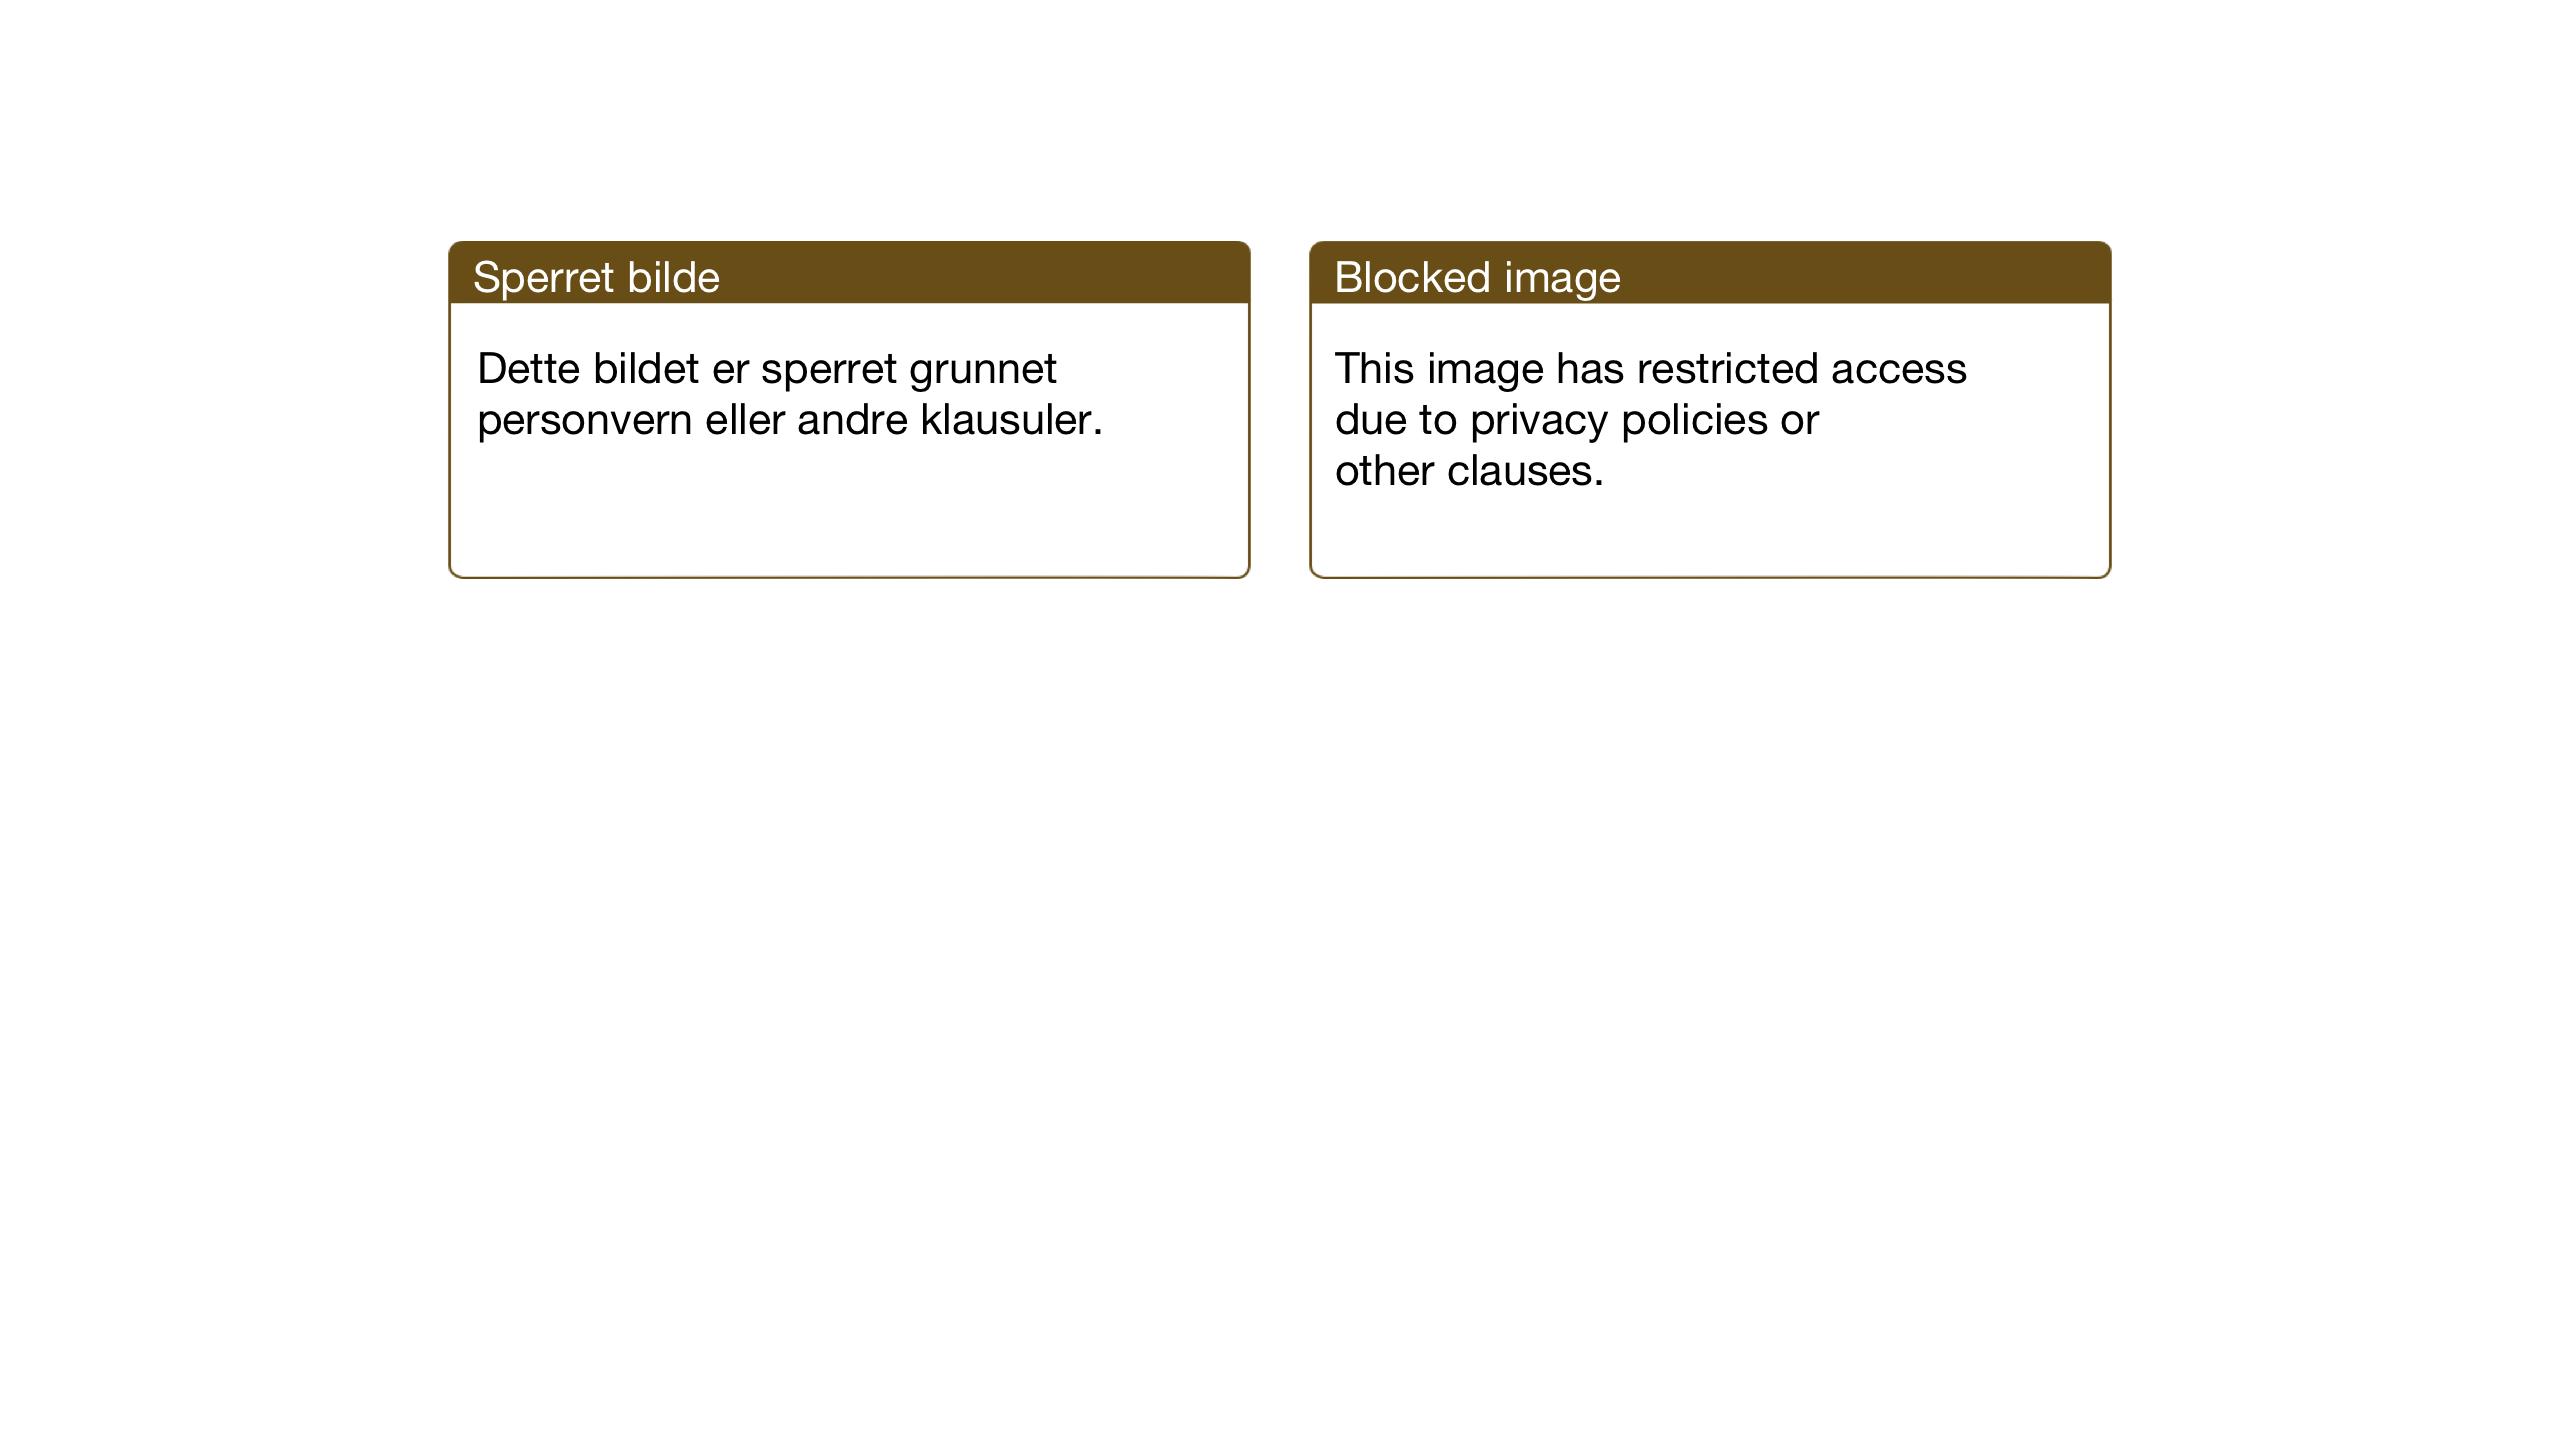 SAT, Ministerialprotokoller, klokkerbøker og fødselsregistre - Sør-Trøndelag, 657/L0718: Klokkerbok nr. 657C05, 1923-1948, s. 65